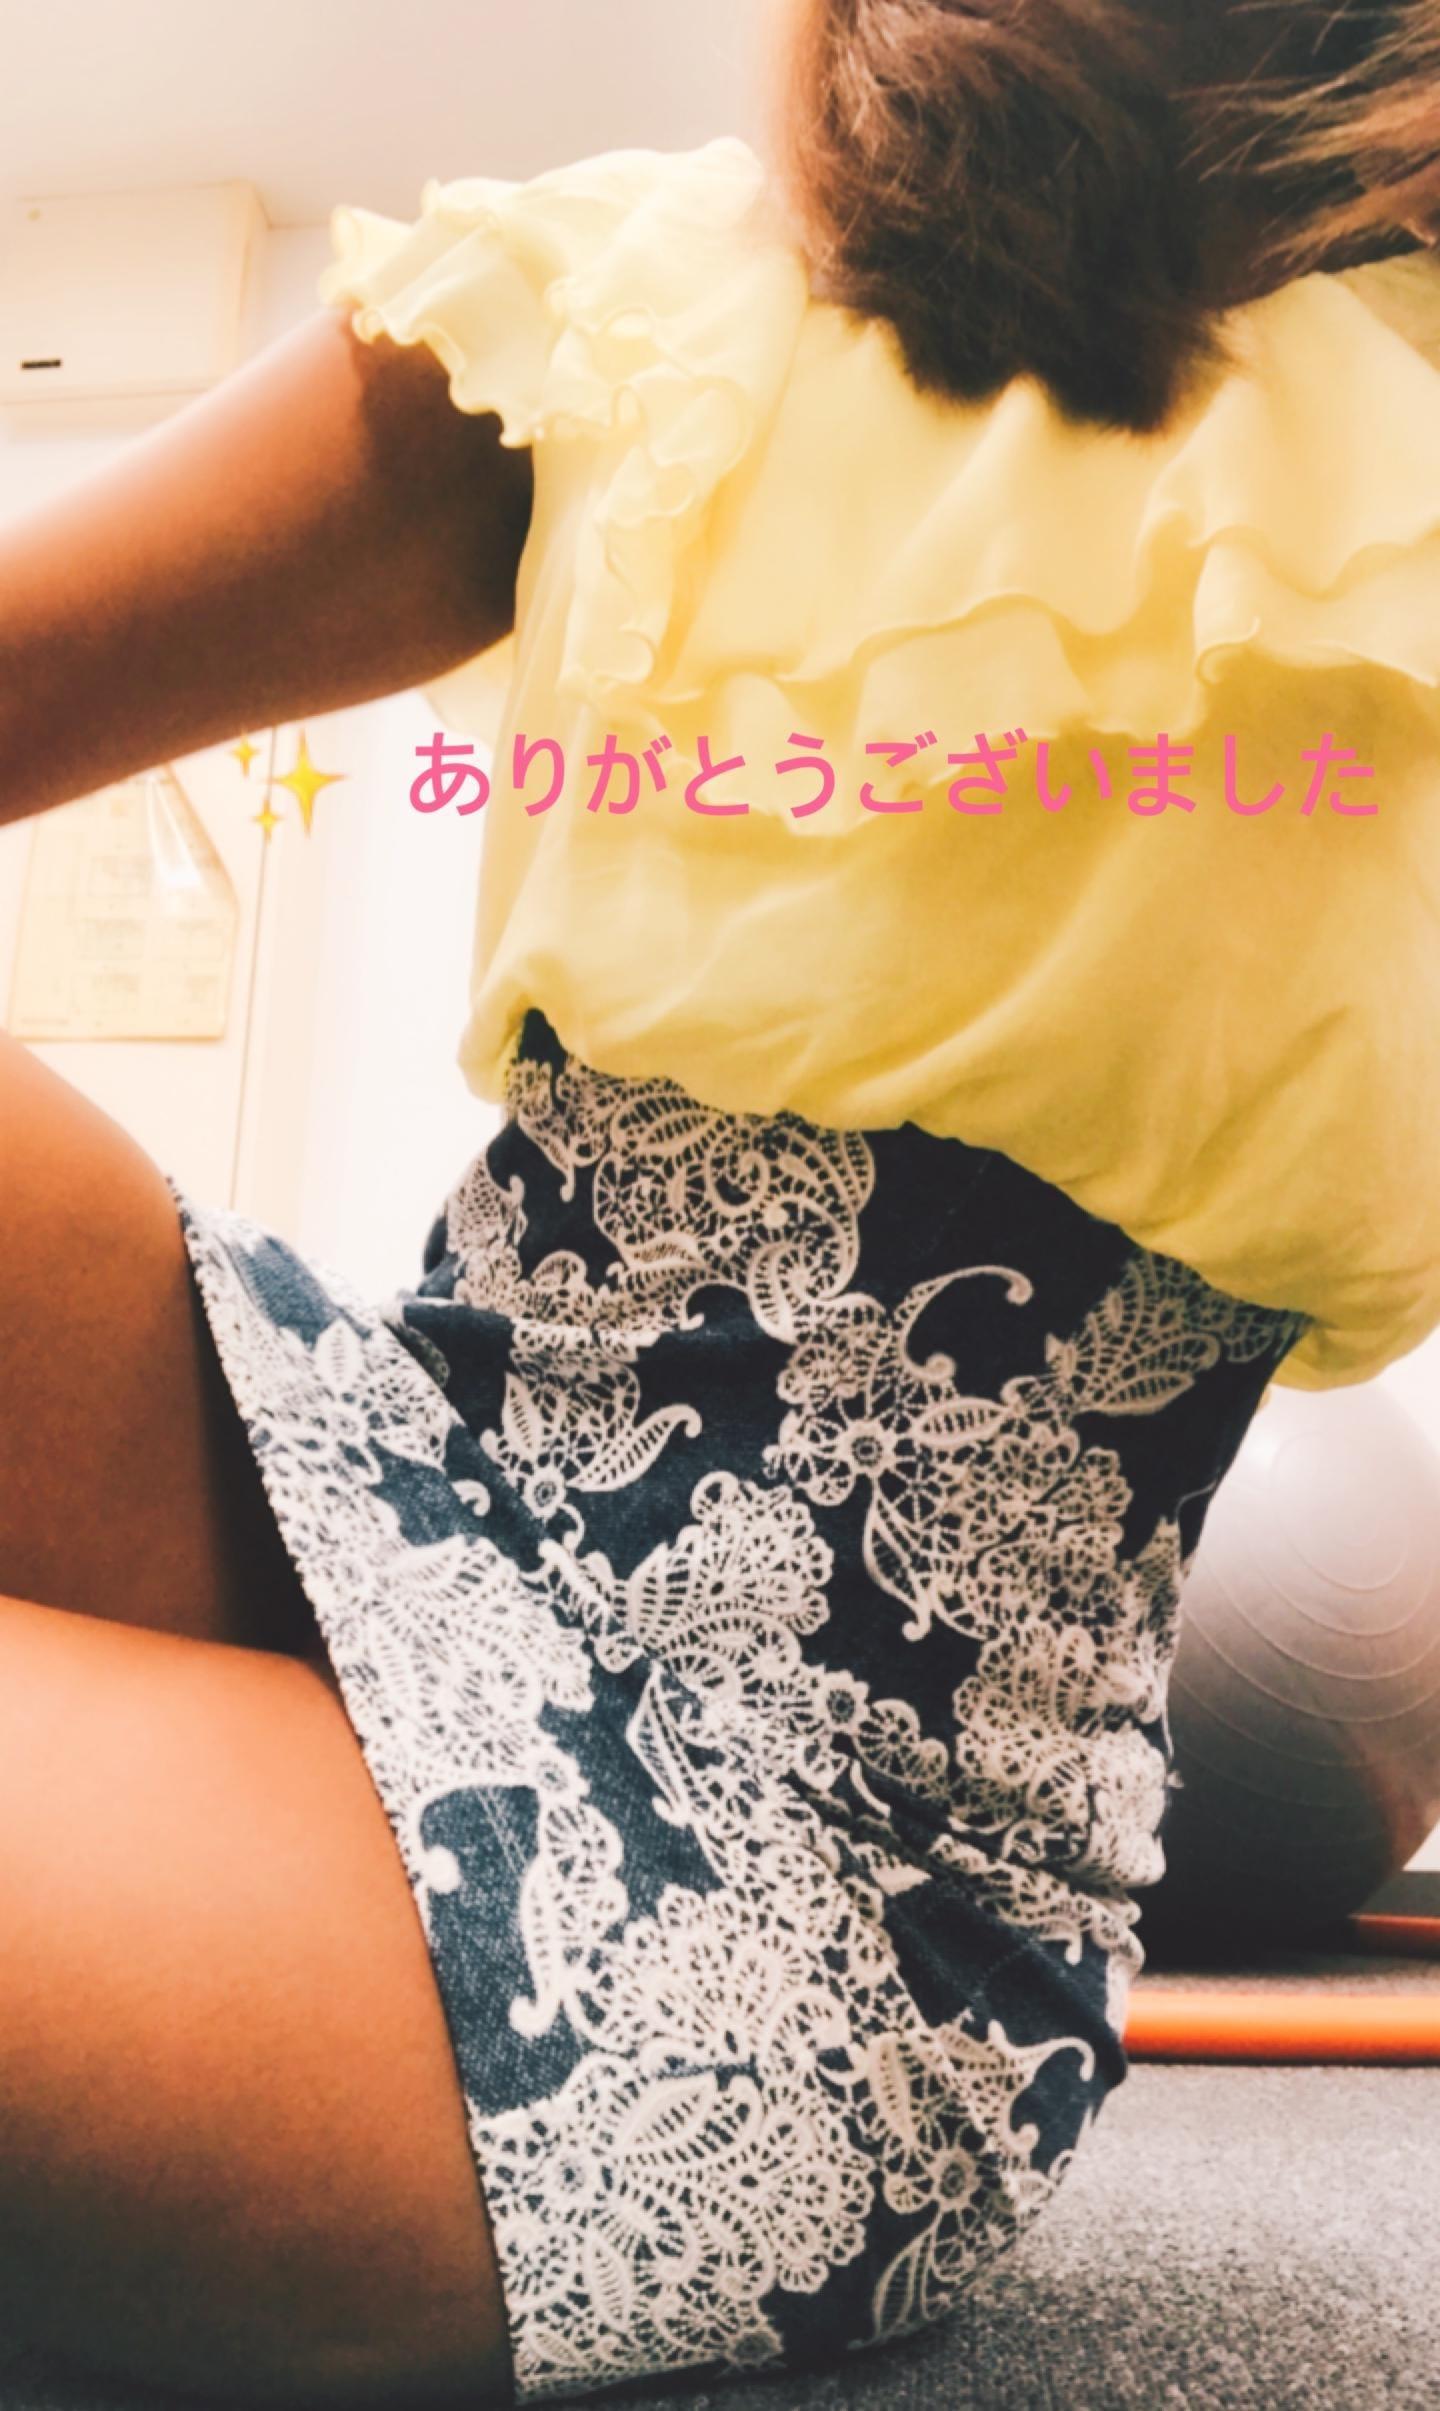 「minamiより」08/18(08/18) 15:13 | みなみの写メ・風俗動画